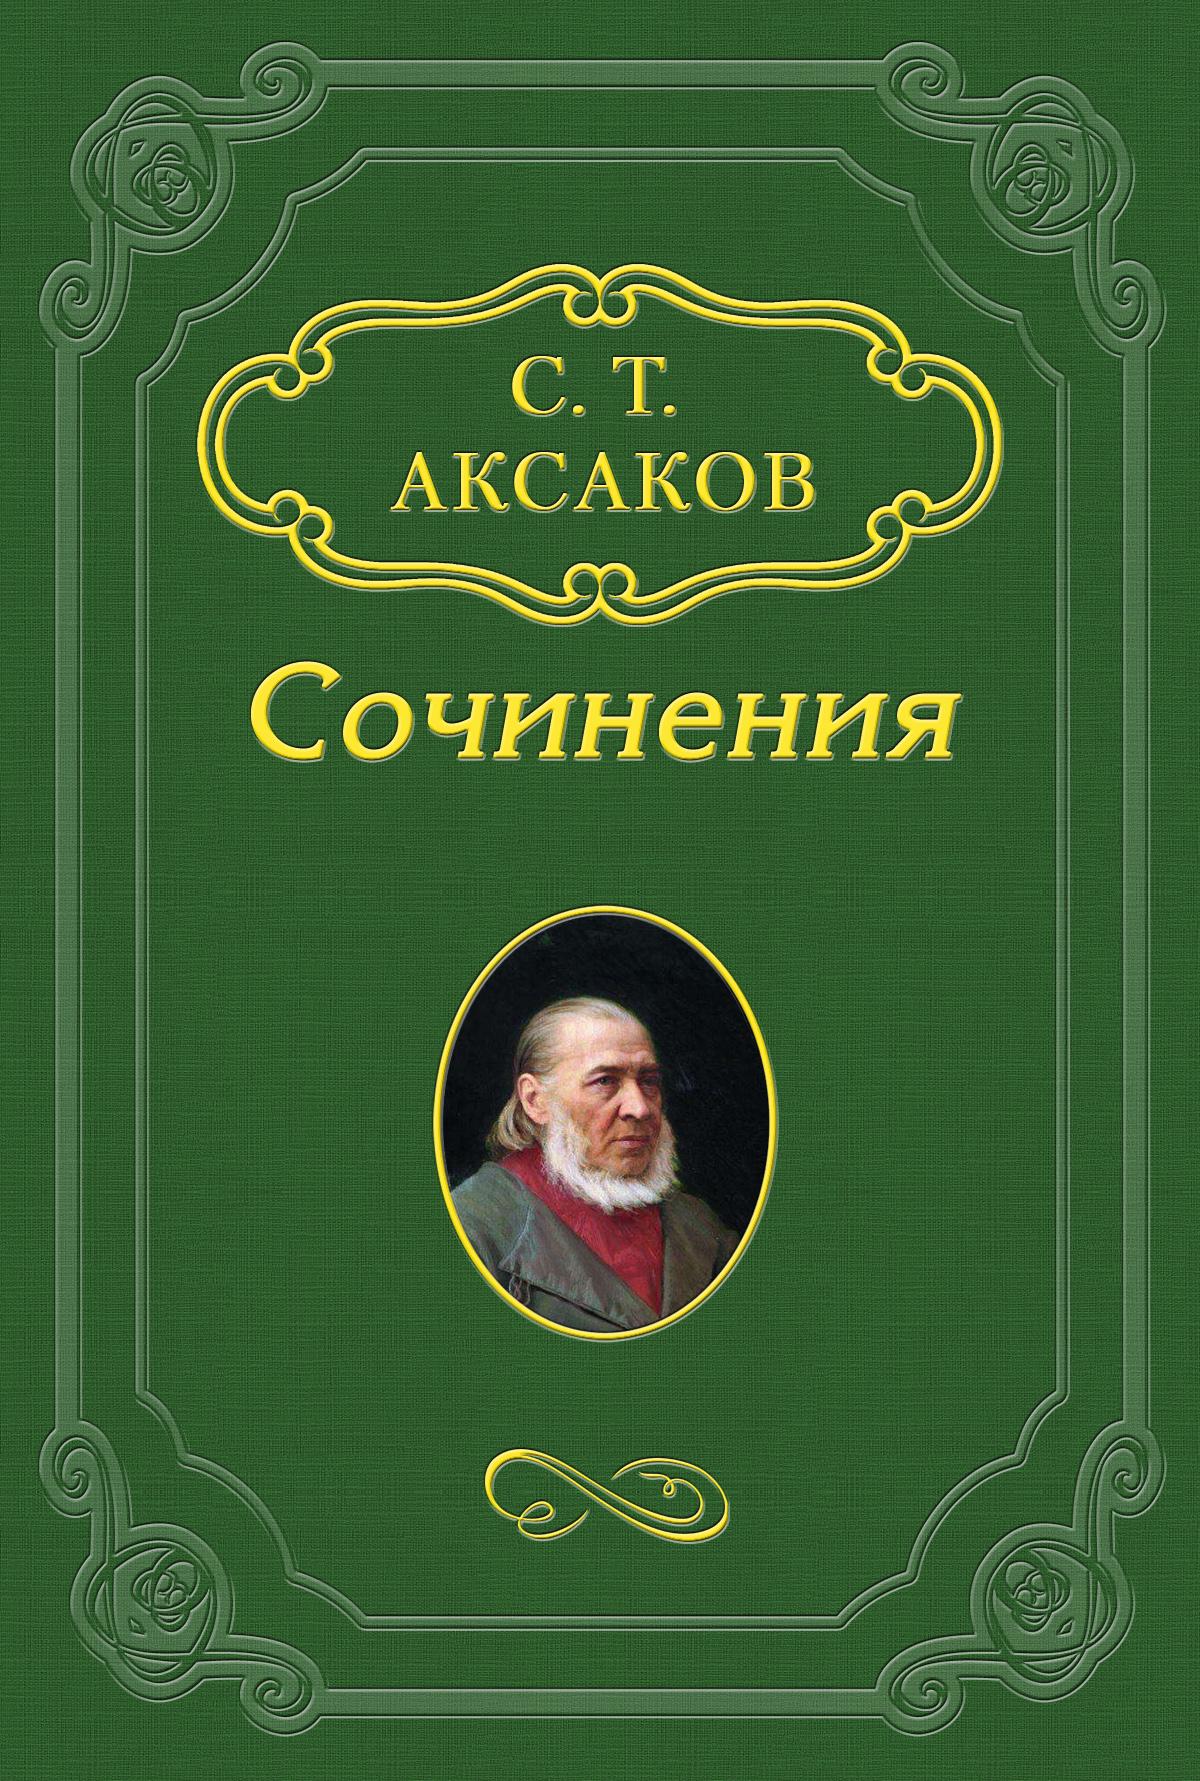 Сергей Аксаков «Дон Карлос, инфант испанский», «Посланник» опера дон карлос